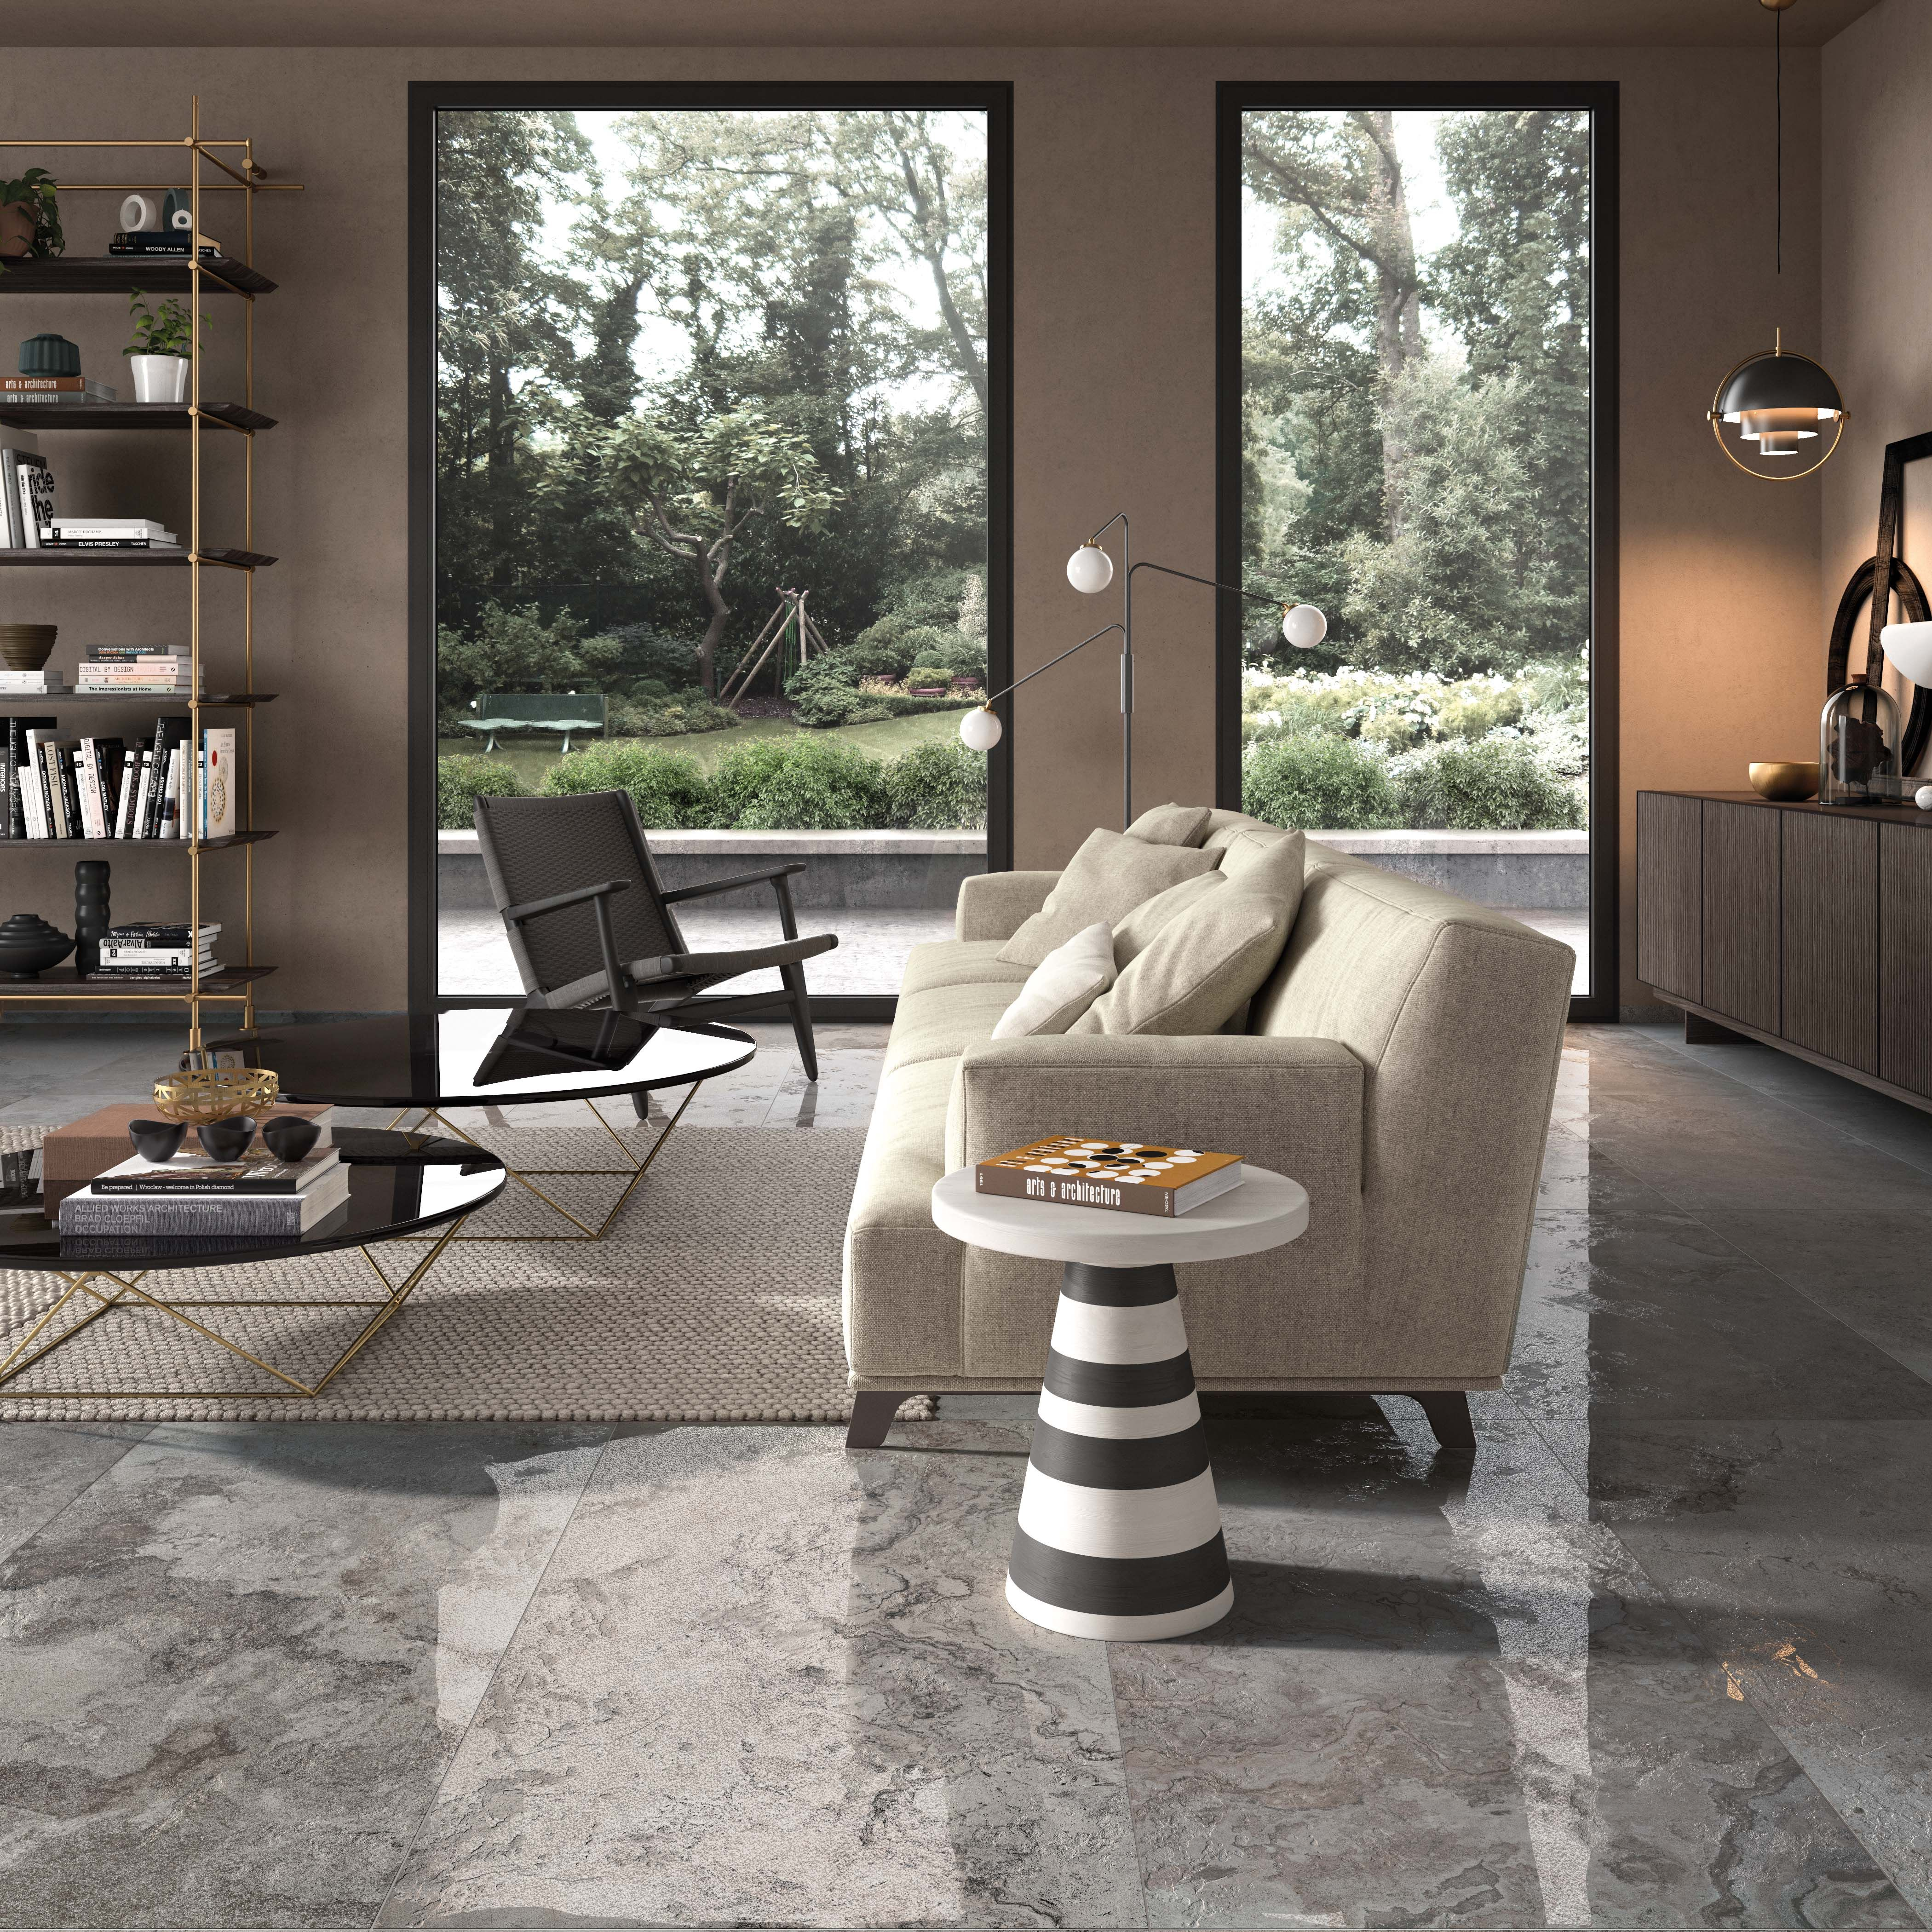 Un Tres Beau Salon Sublime Par Un Carrelage Aux Reflets Lumineux Et Chaleur Living Room And Kitchen Design Small Living Room Decor Sectional Sofas Living Room